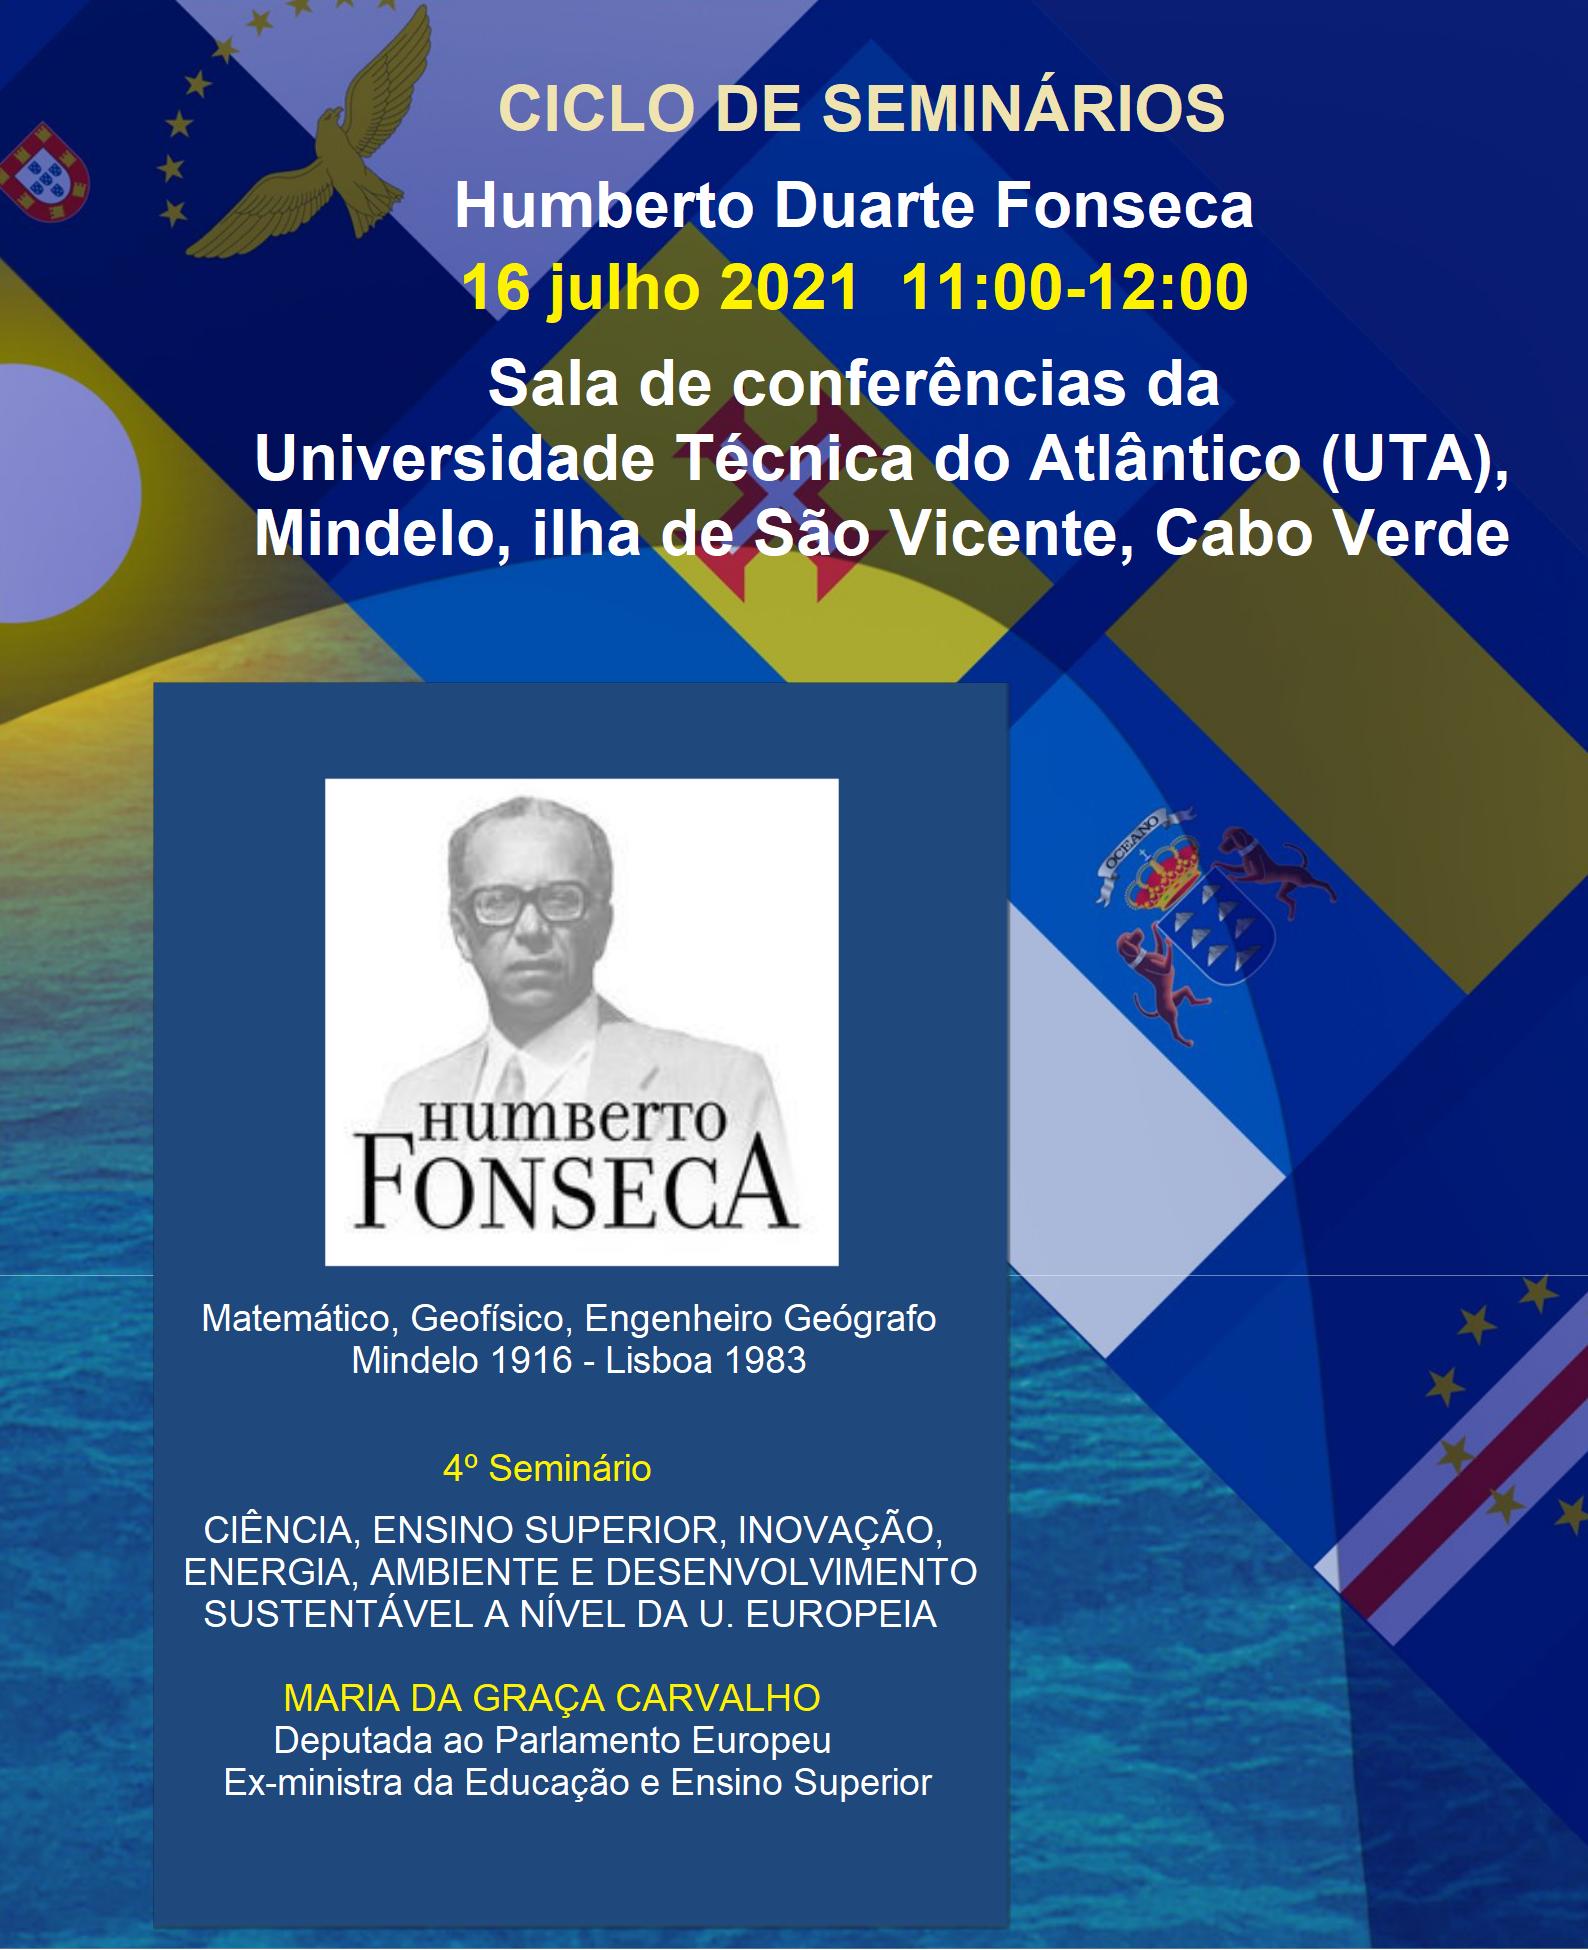 uma figura de referência e um pioneiro da ciência das ilhas da Macaronésia, Humberto Duarte Fonseca